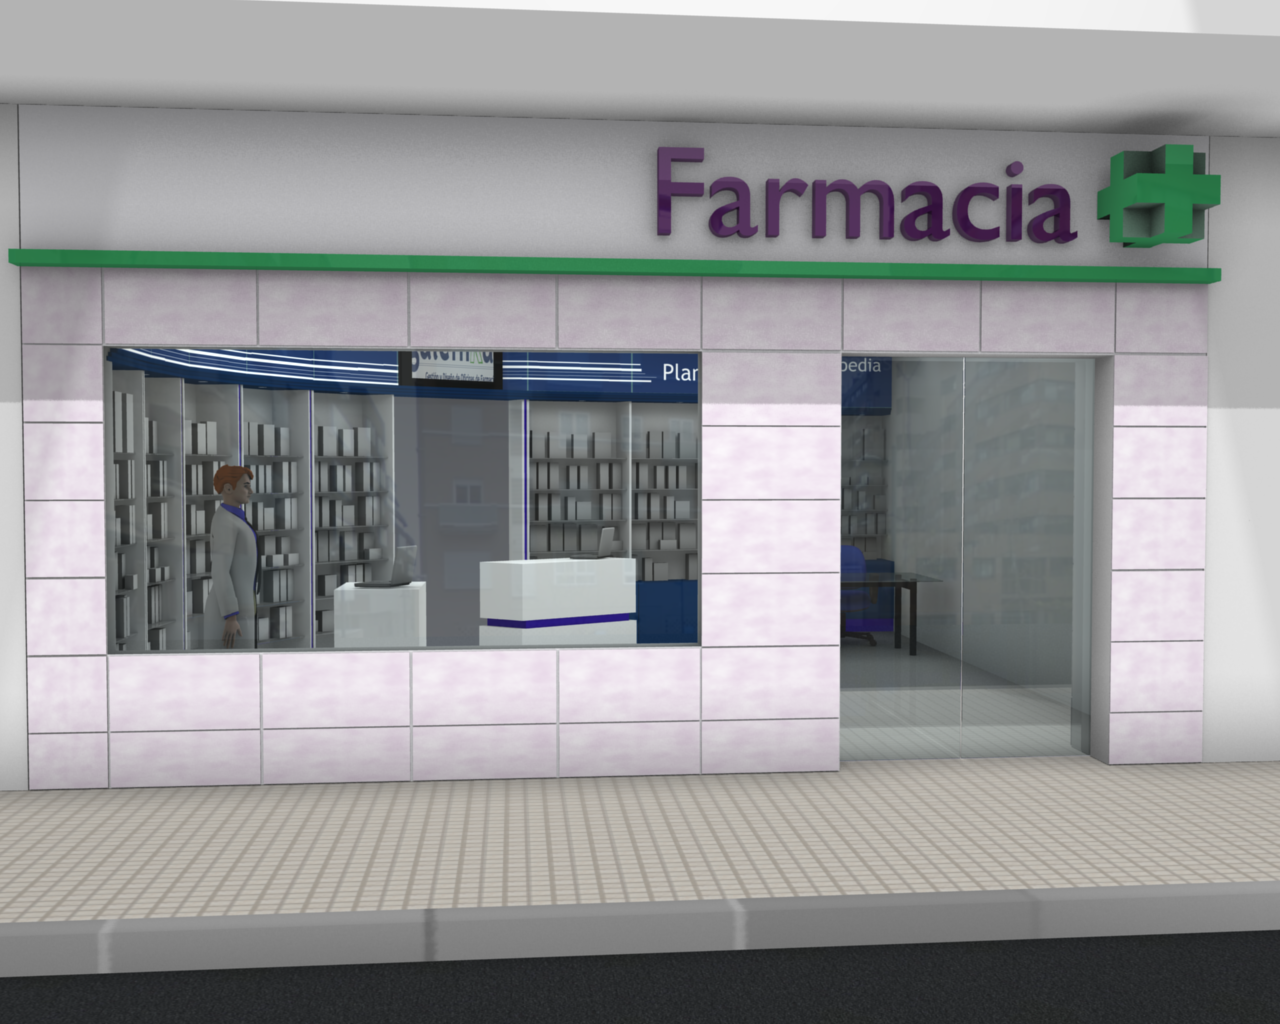 mejora consumo leds en farmacias